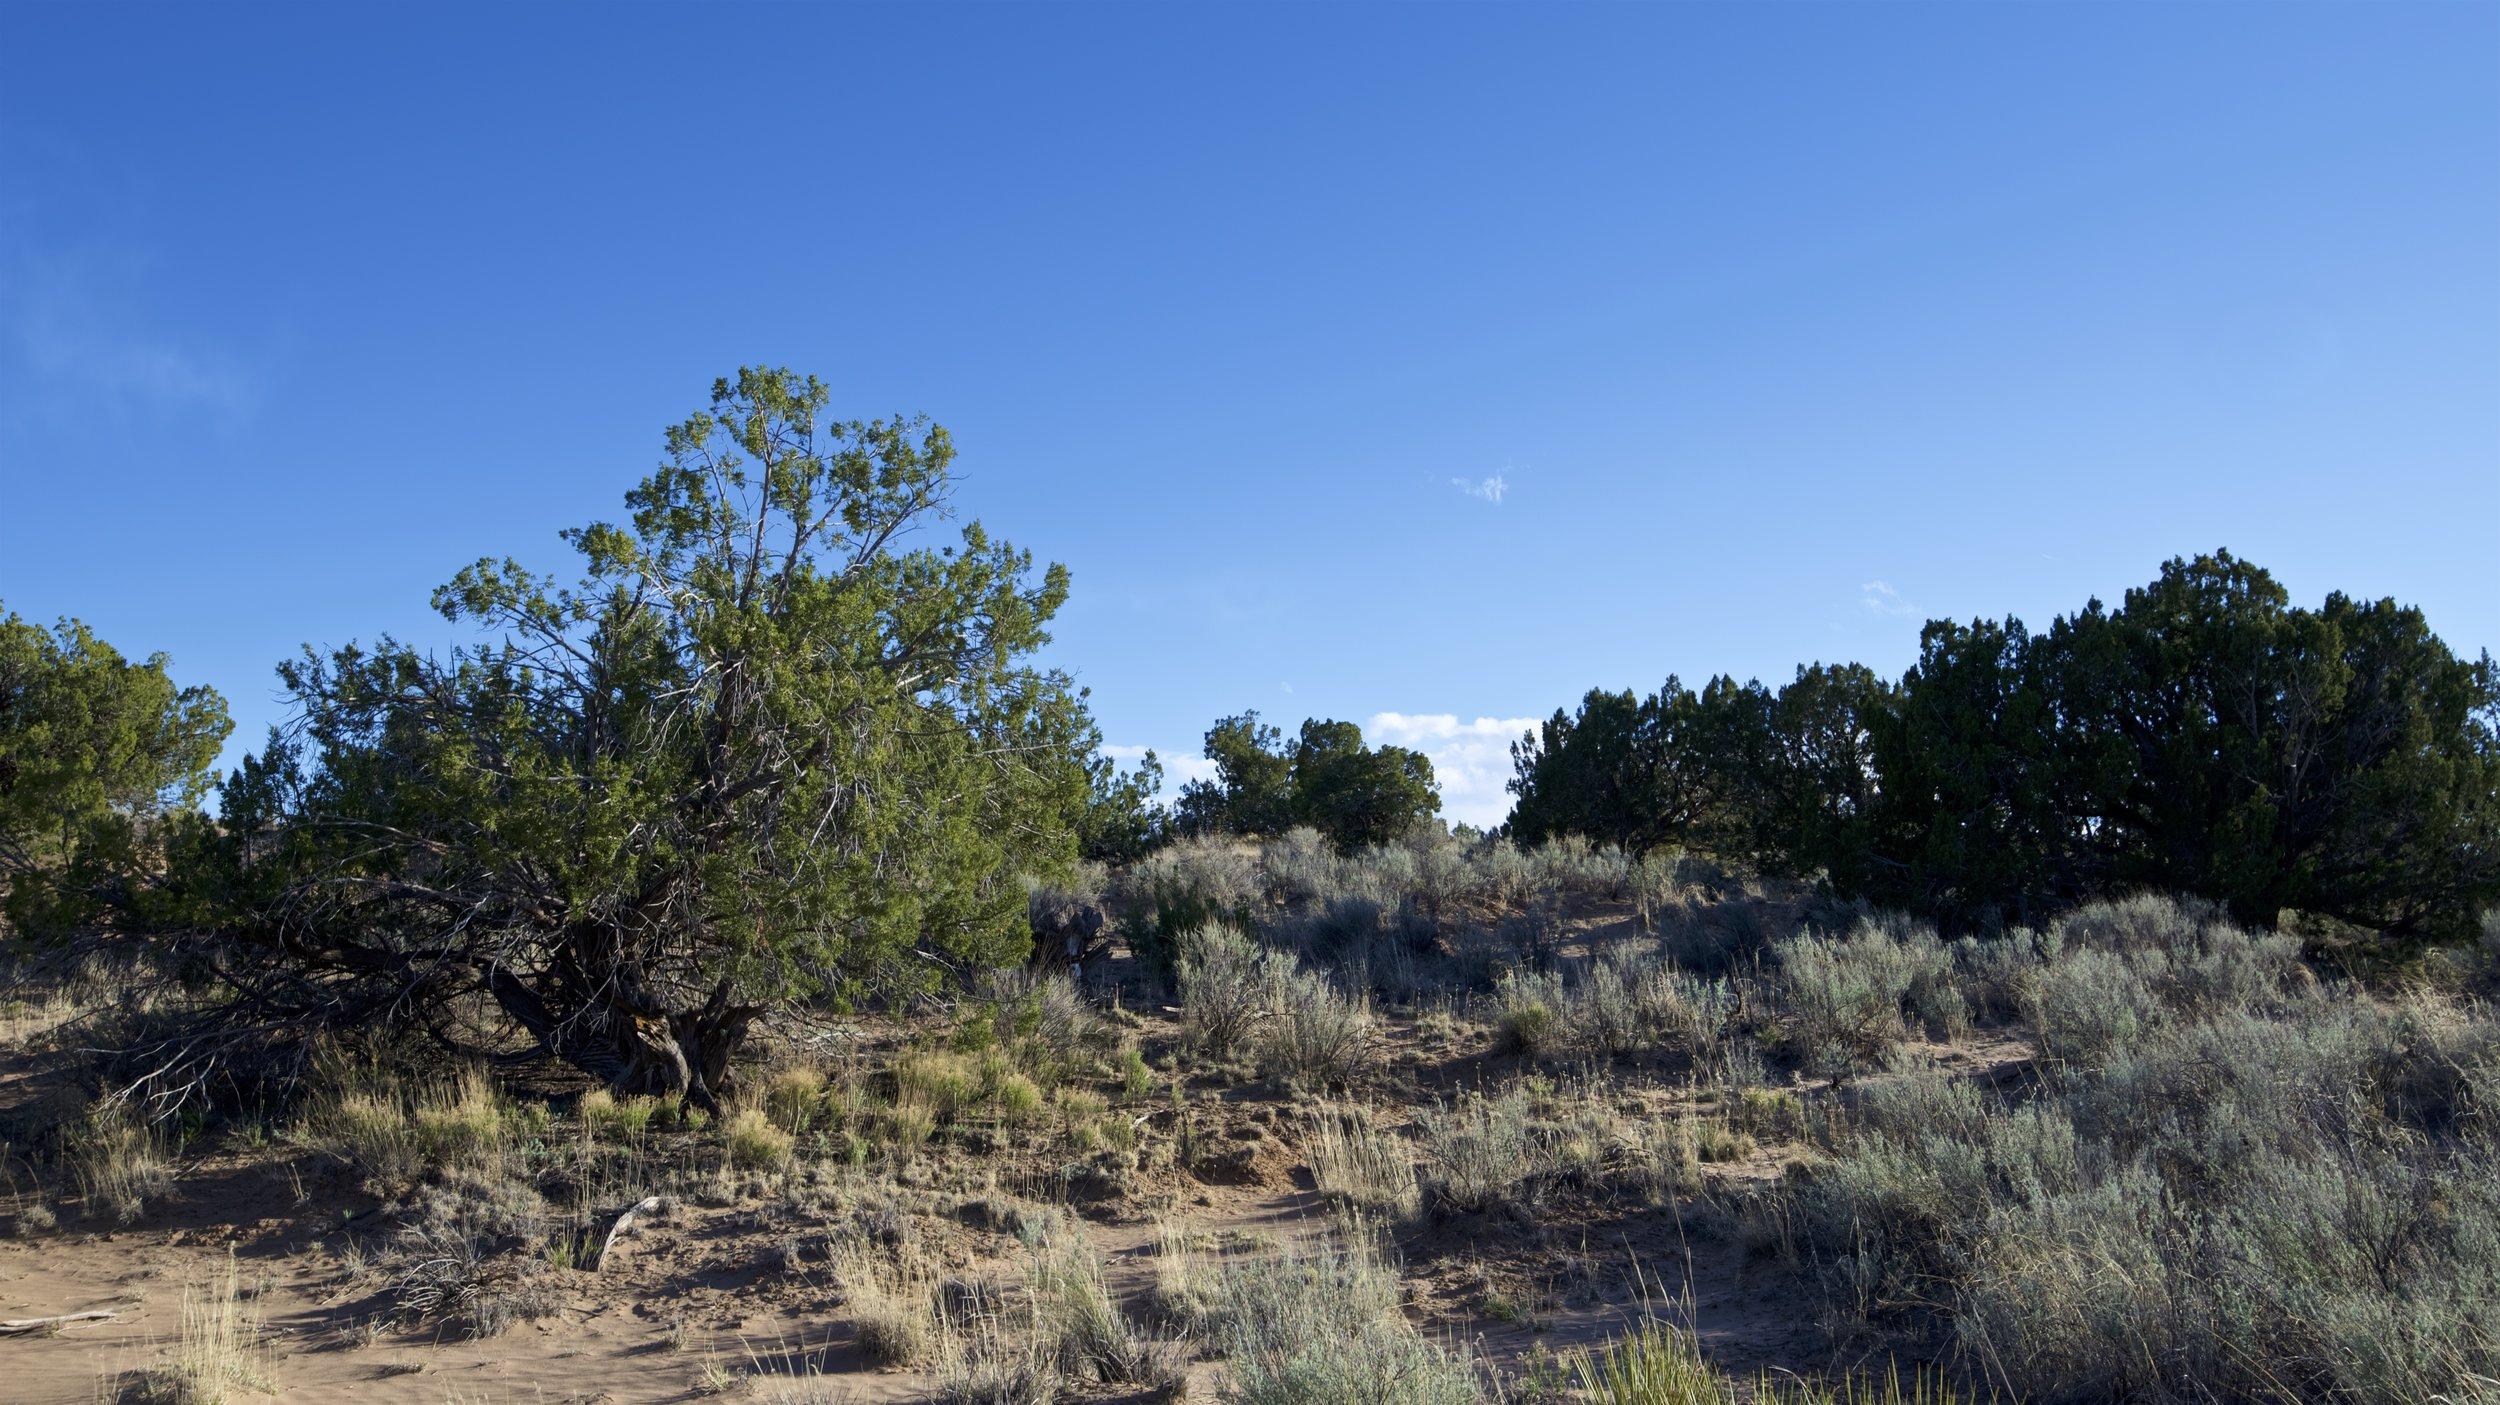 SNNM-2231-rio-rancho-125677.jpg